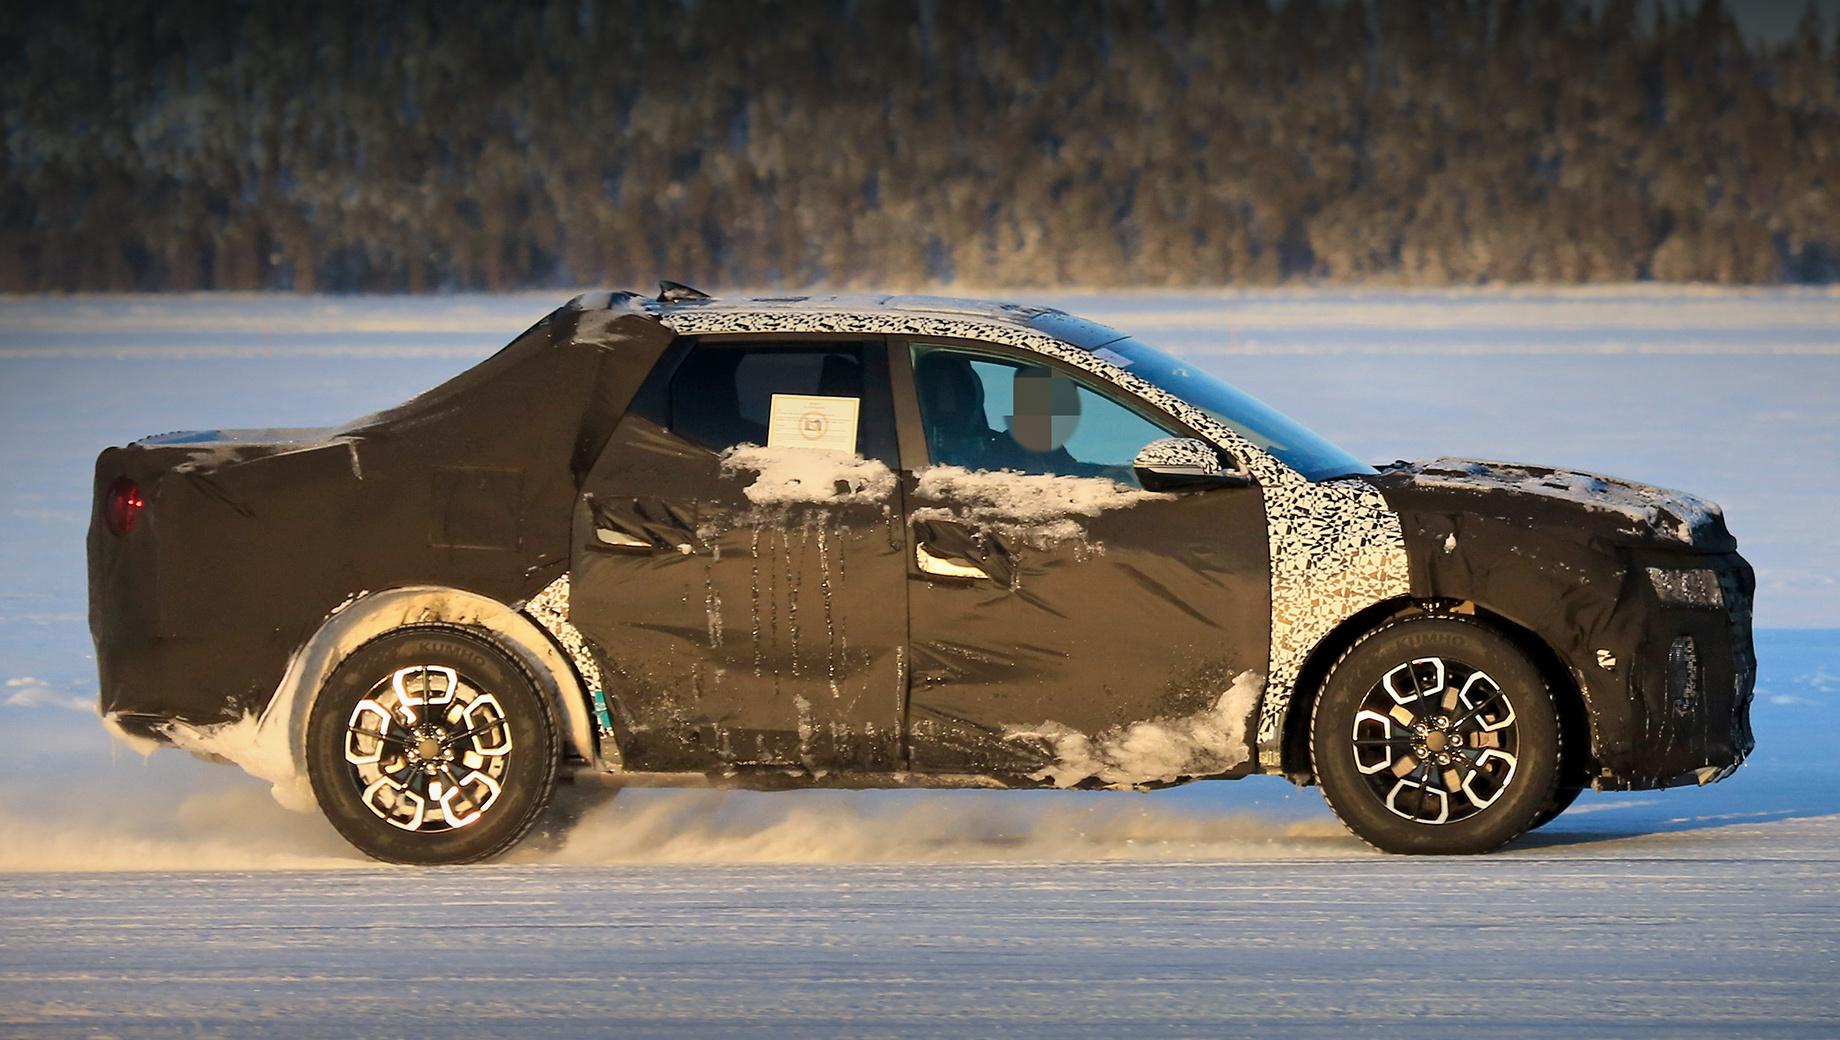 Hyundai santa cruz,Hyundai pickup. Привыкшие к рамным грузовичкам американцы могут не принять компактный пикап с несущим кузовом, поэтому Hyundai пытается подать Santa Cruz как гламурный городской crossover. Если номер пройдёт, клон от KIA не заставит себя ждать.